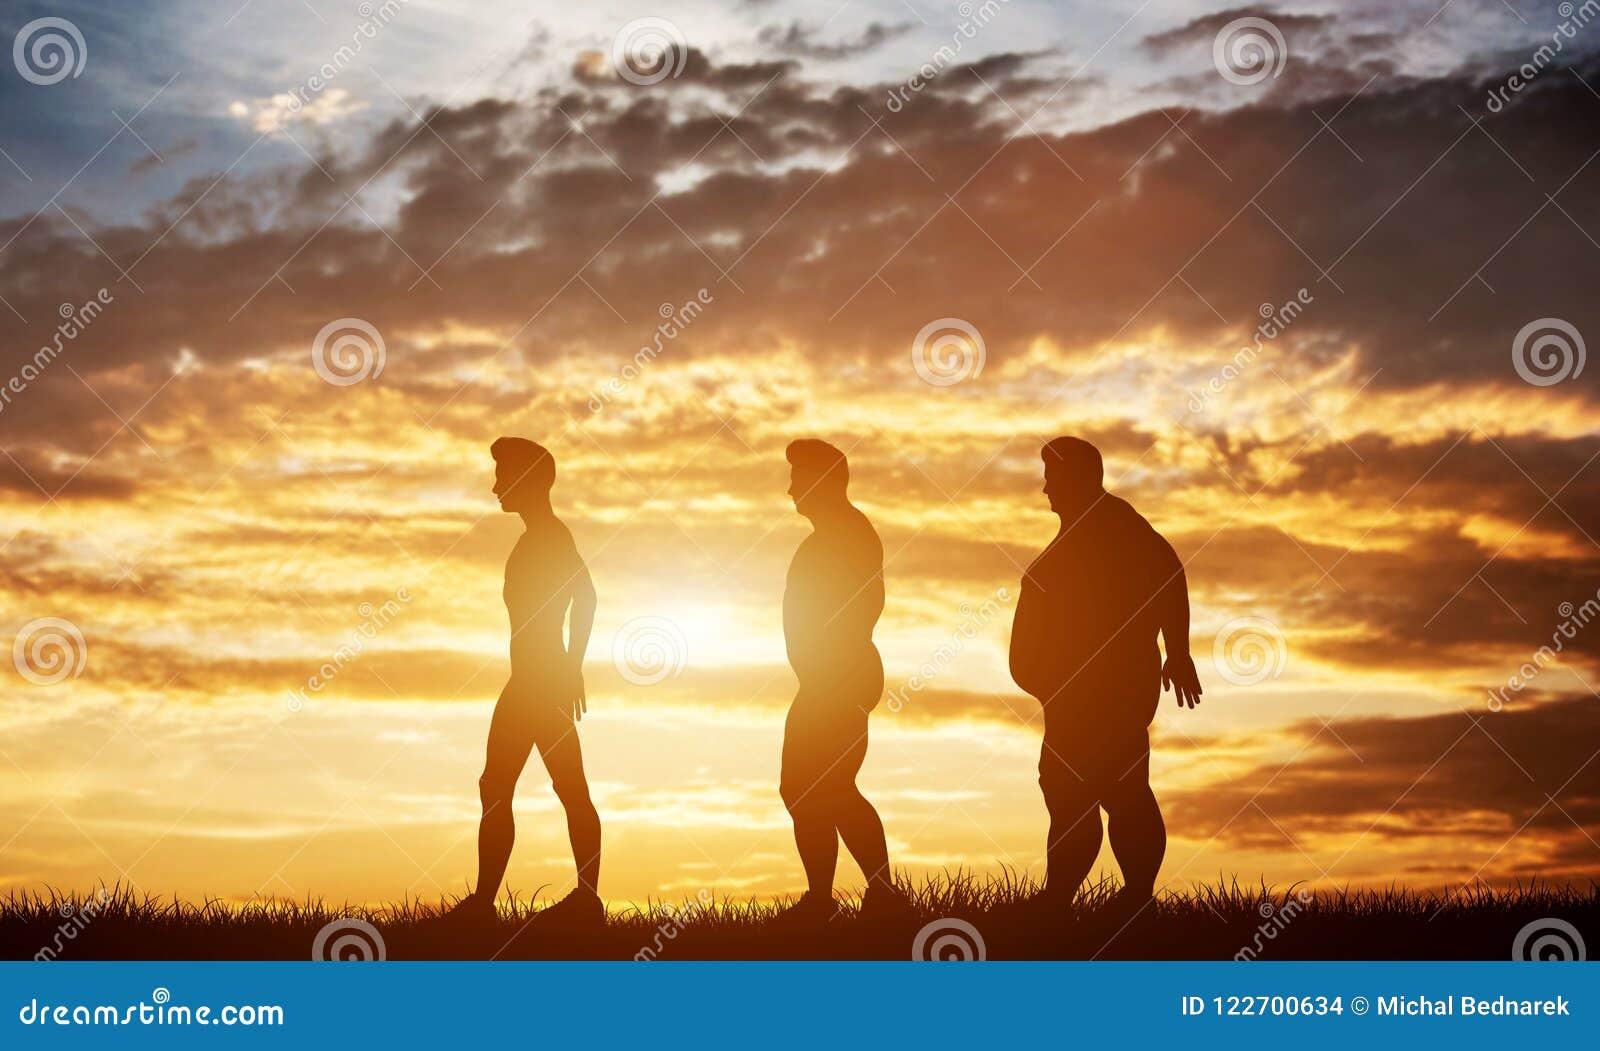 Tre siluette degli uomini con differenti tipi di corpo su un cielo di tramonto